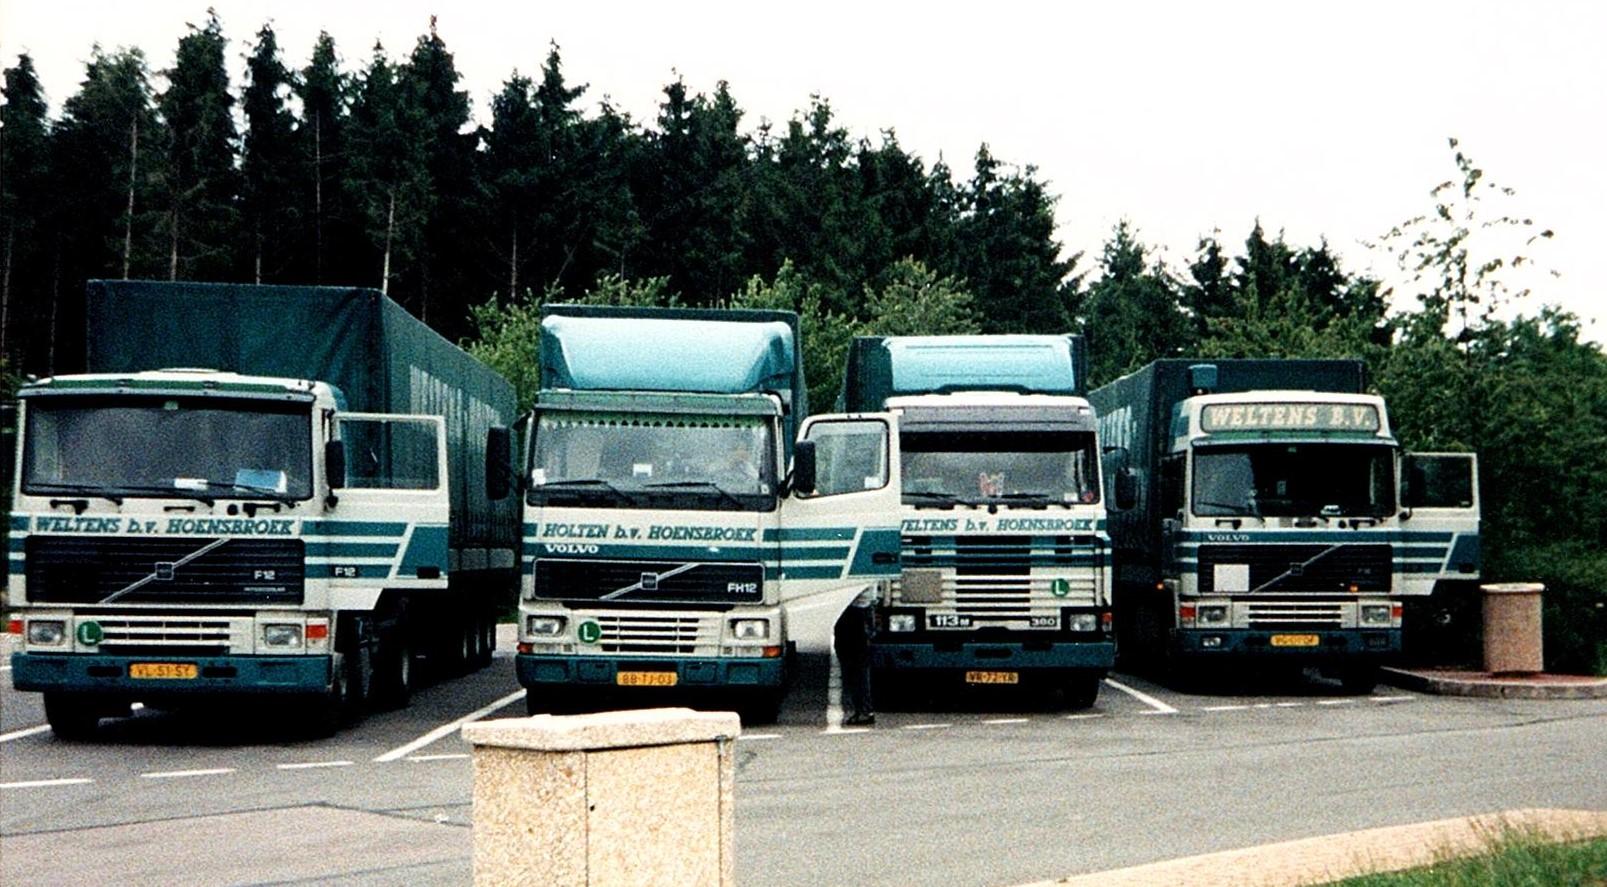 Bert-met-de-Scania-vakantie-vieren-in-Italie-4